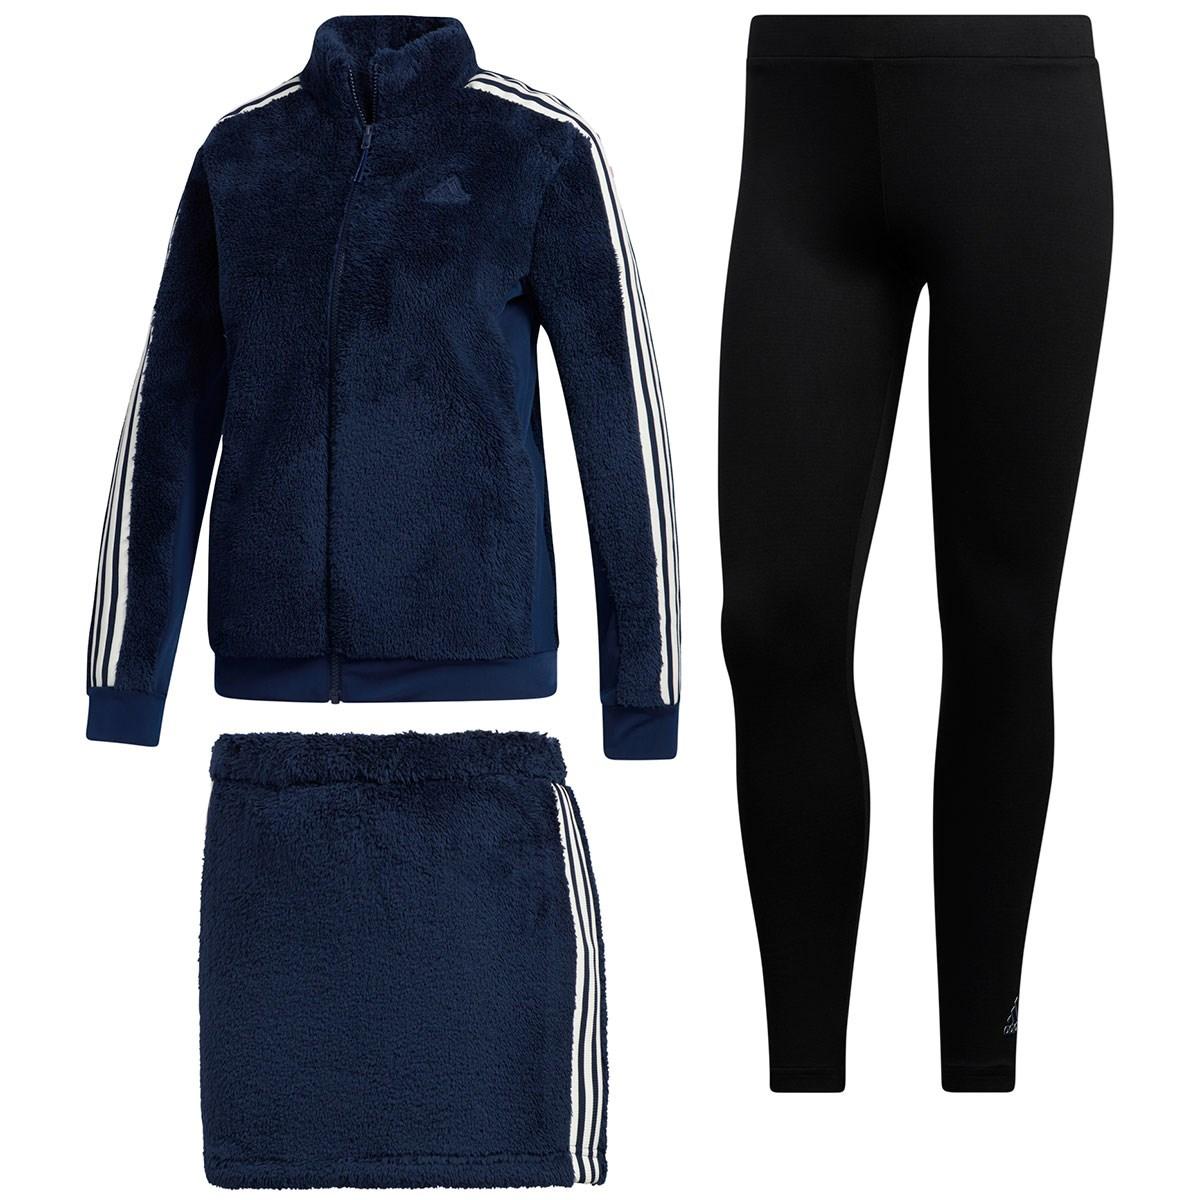 アディダス Adidas スリーストライプス レギンス付きボアフリースジャケット&スカート J/L カレッジネイビー レディス